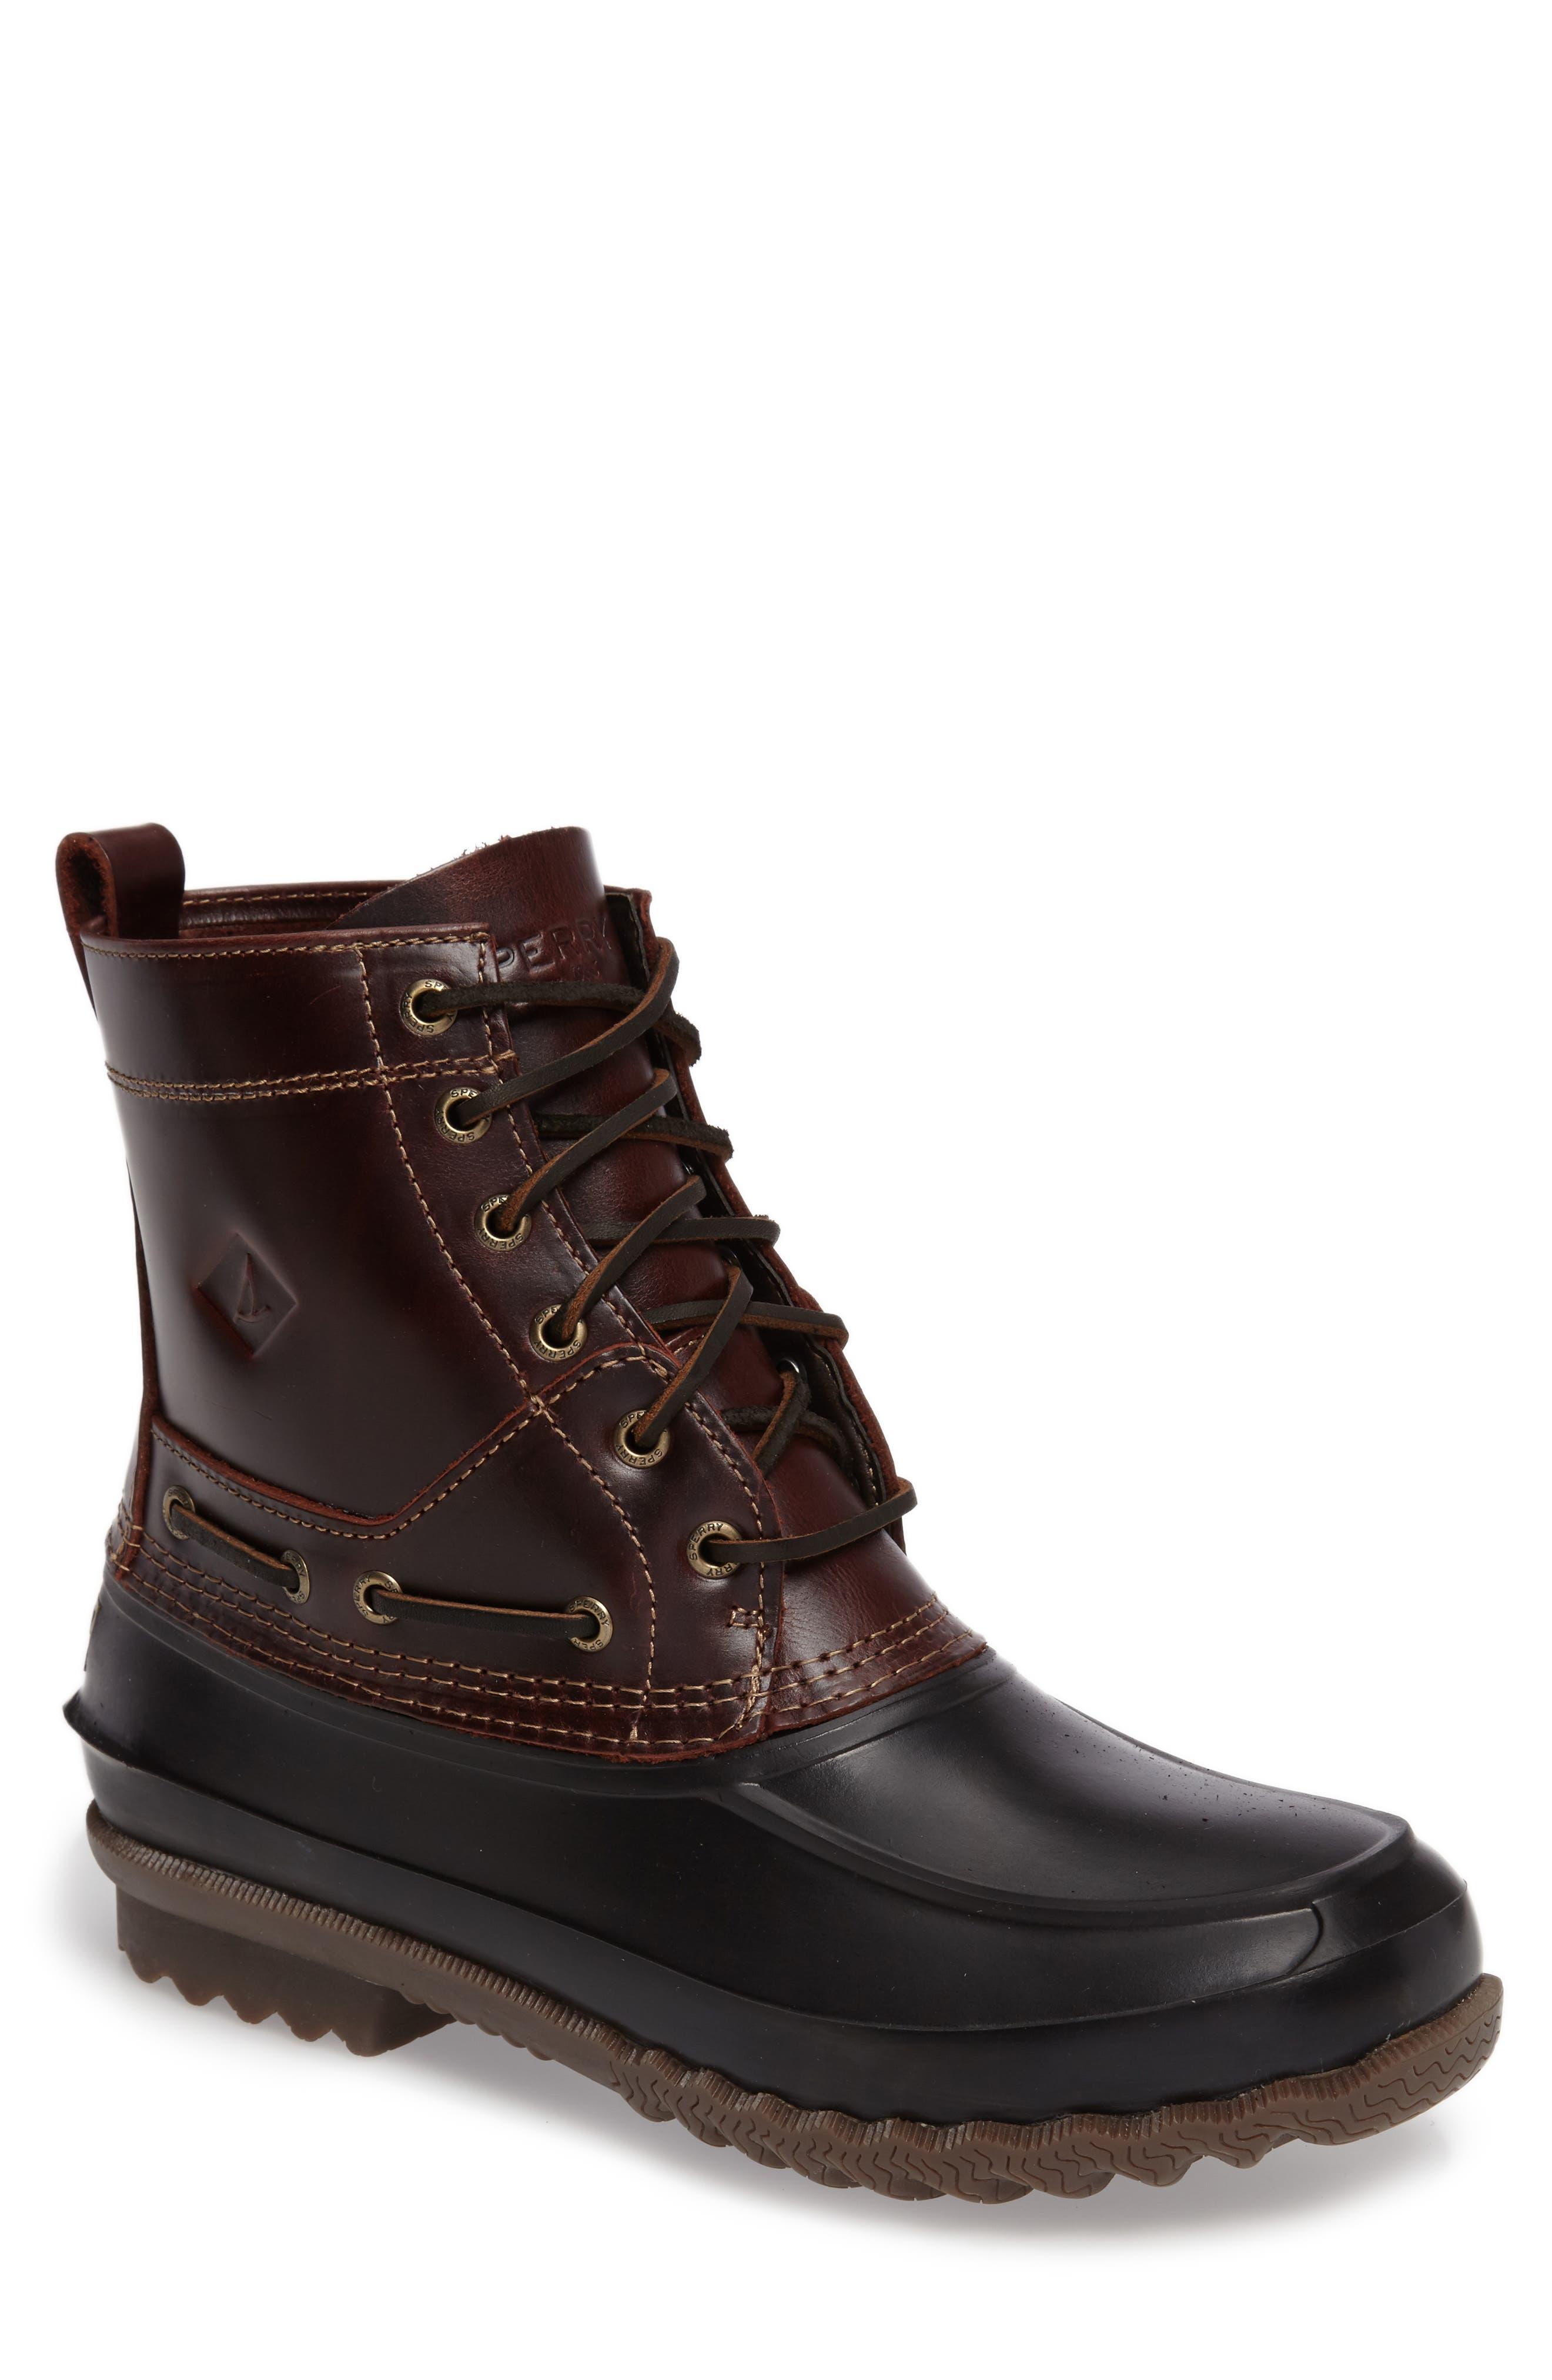 'Decoy' Waterproof Boot, Main, color, 002